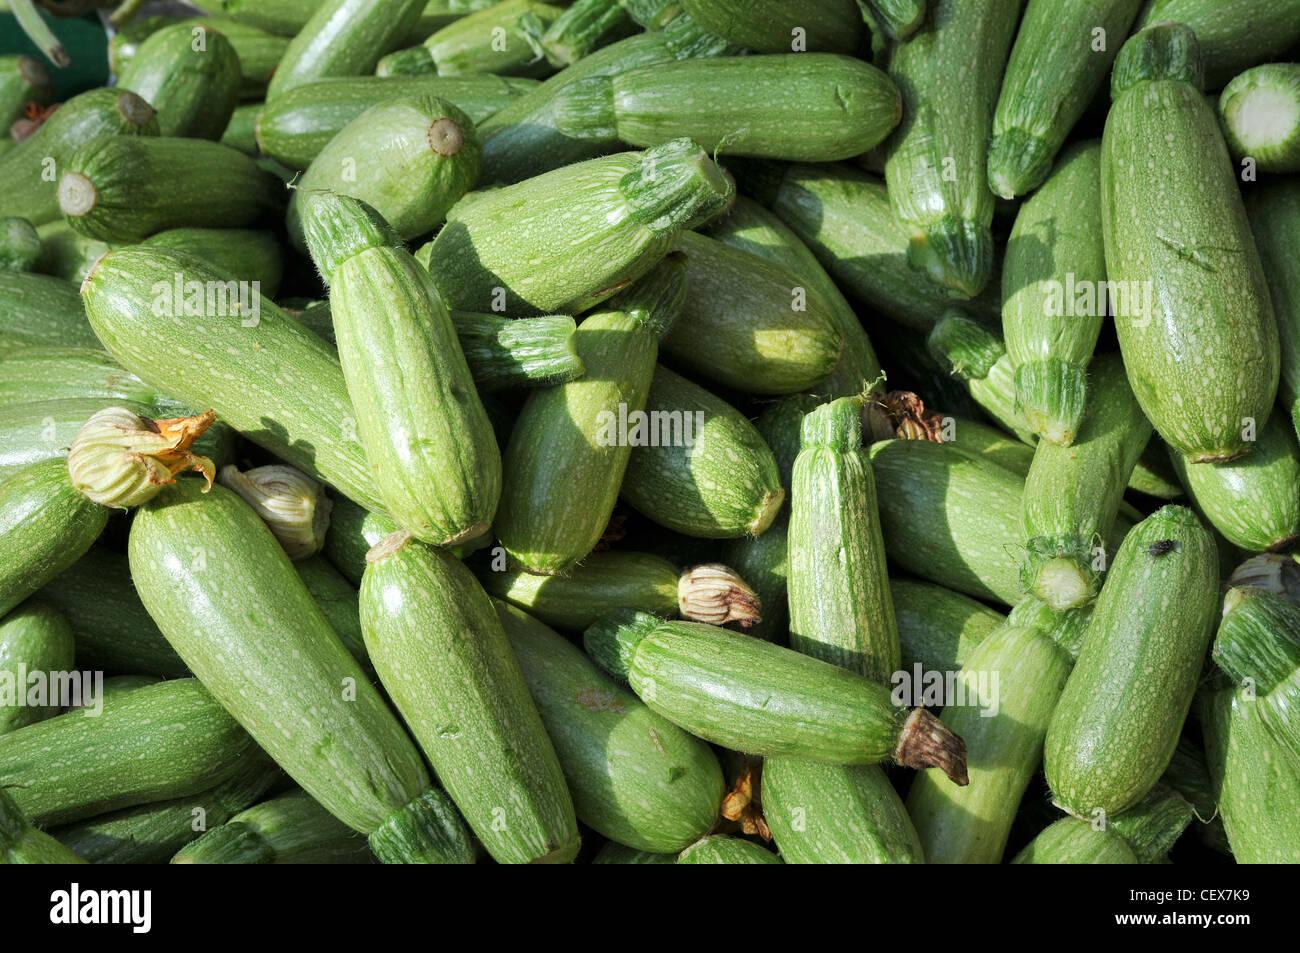 Un mucchio di zucchine fresche (zucchine) Immagini Stock